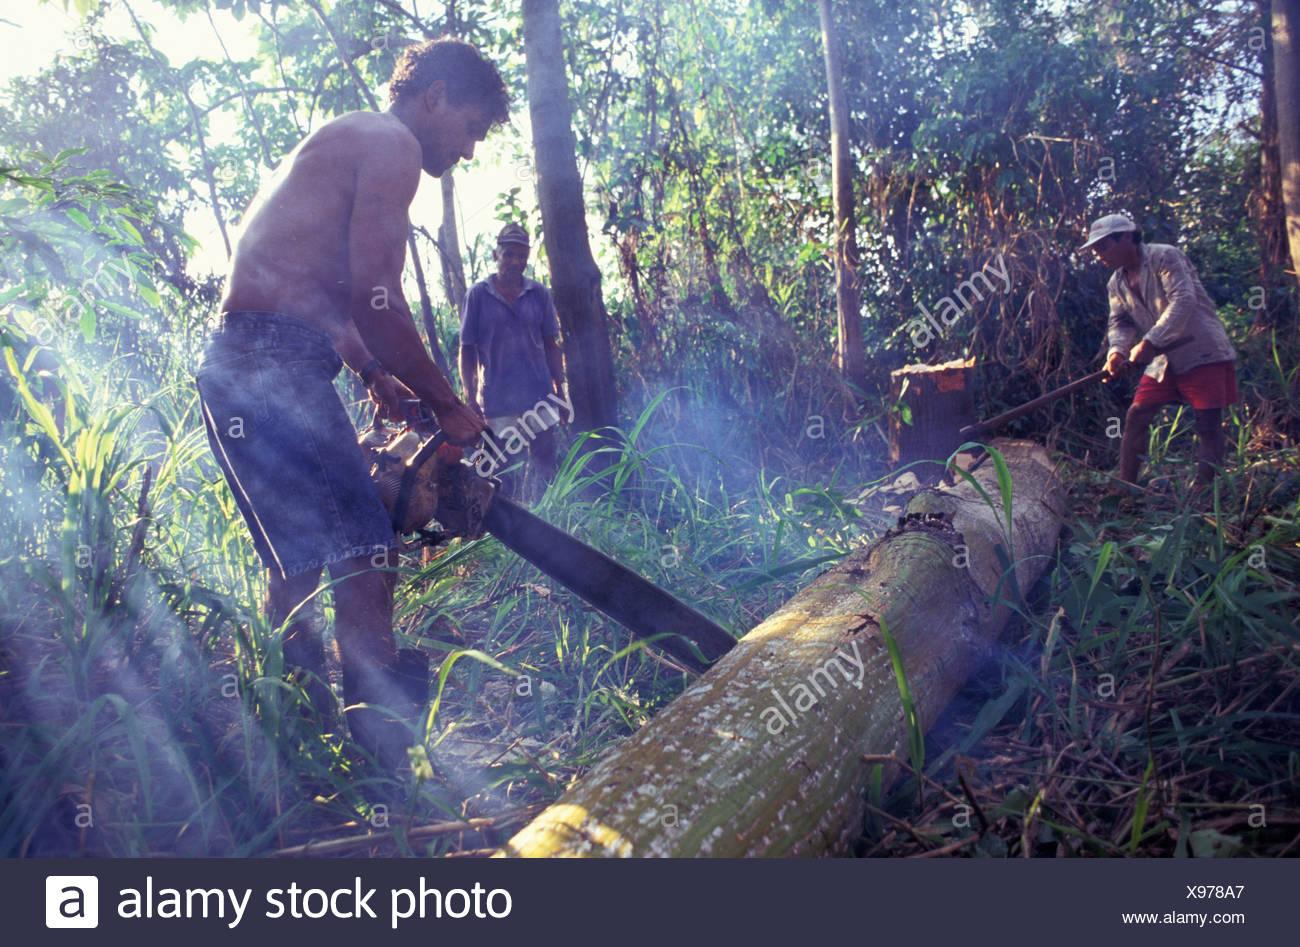 L'exploitation forestière illégale, la coupe d'arbre avec tronçonneuse, forêt amazonienne la déforestation. Photo Stock